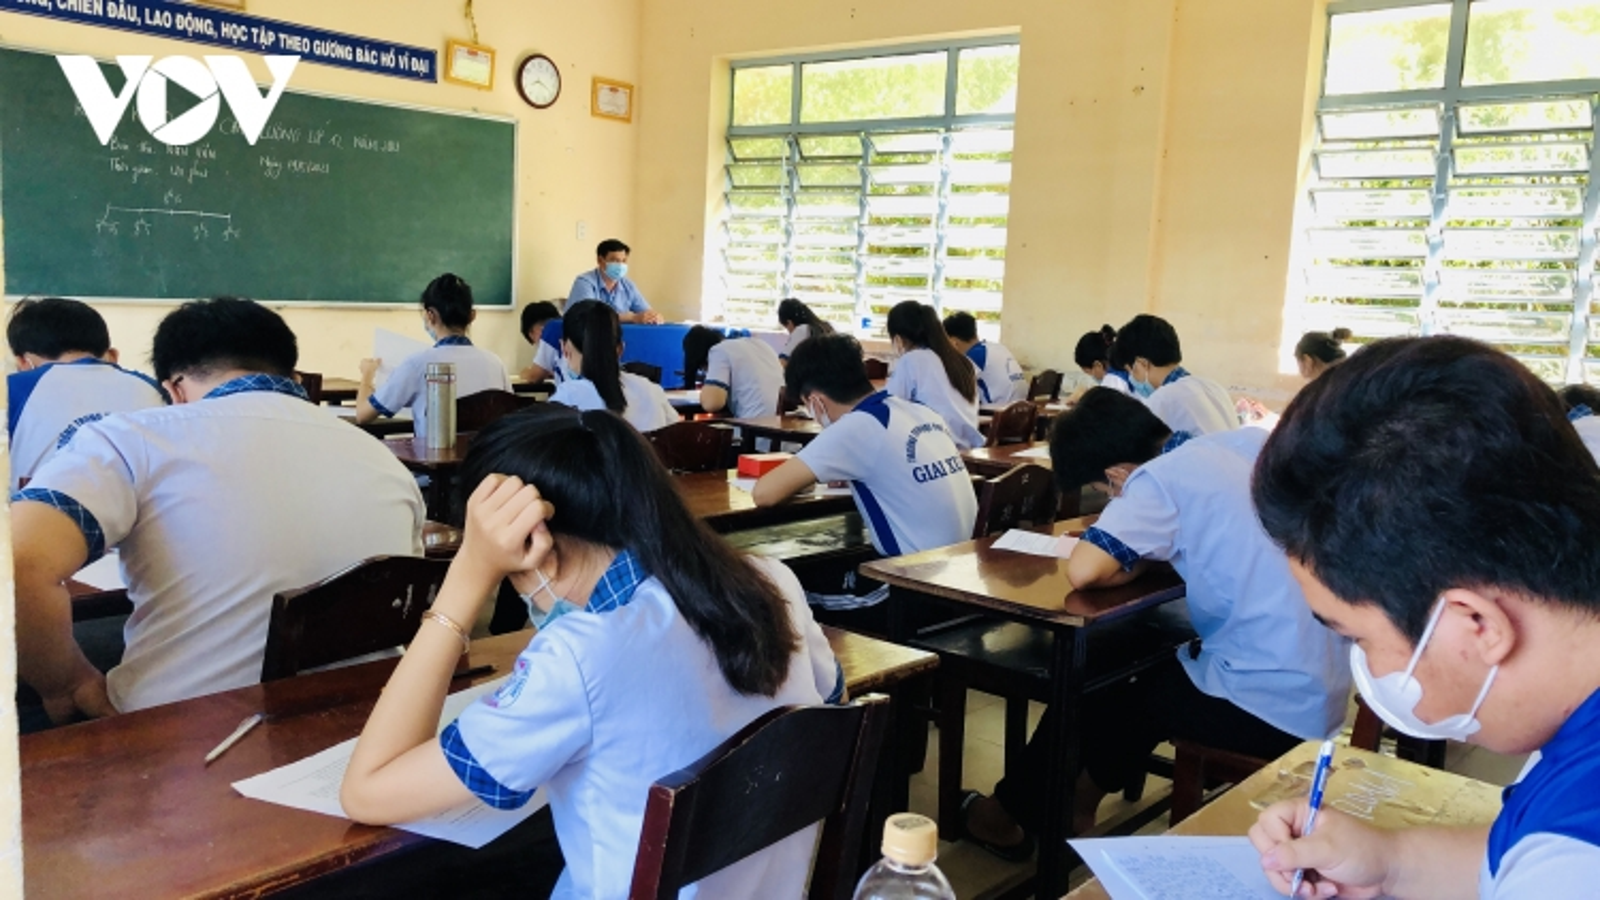 Hơn 10.000 học sinh lớp 12 tham gia khảo sát chất lượng sớm để phòng chống dịch Covid-19